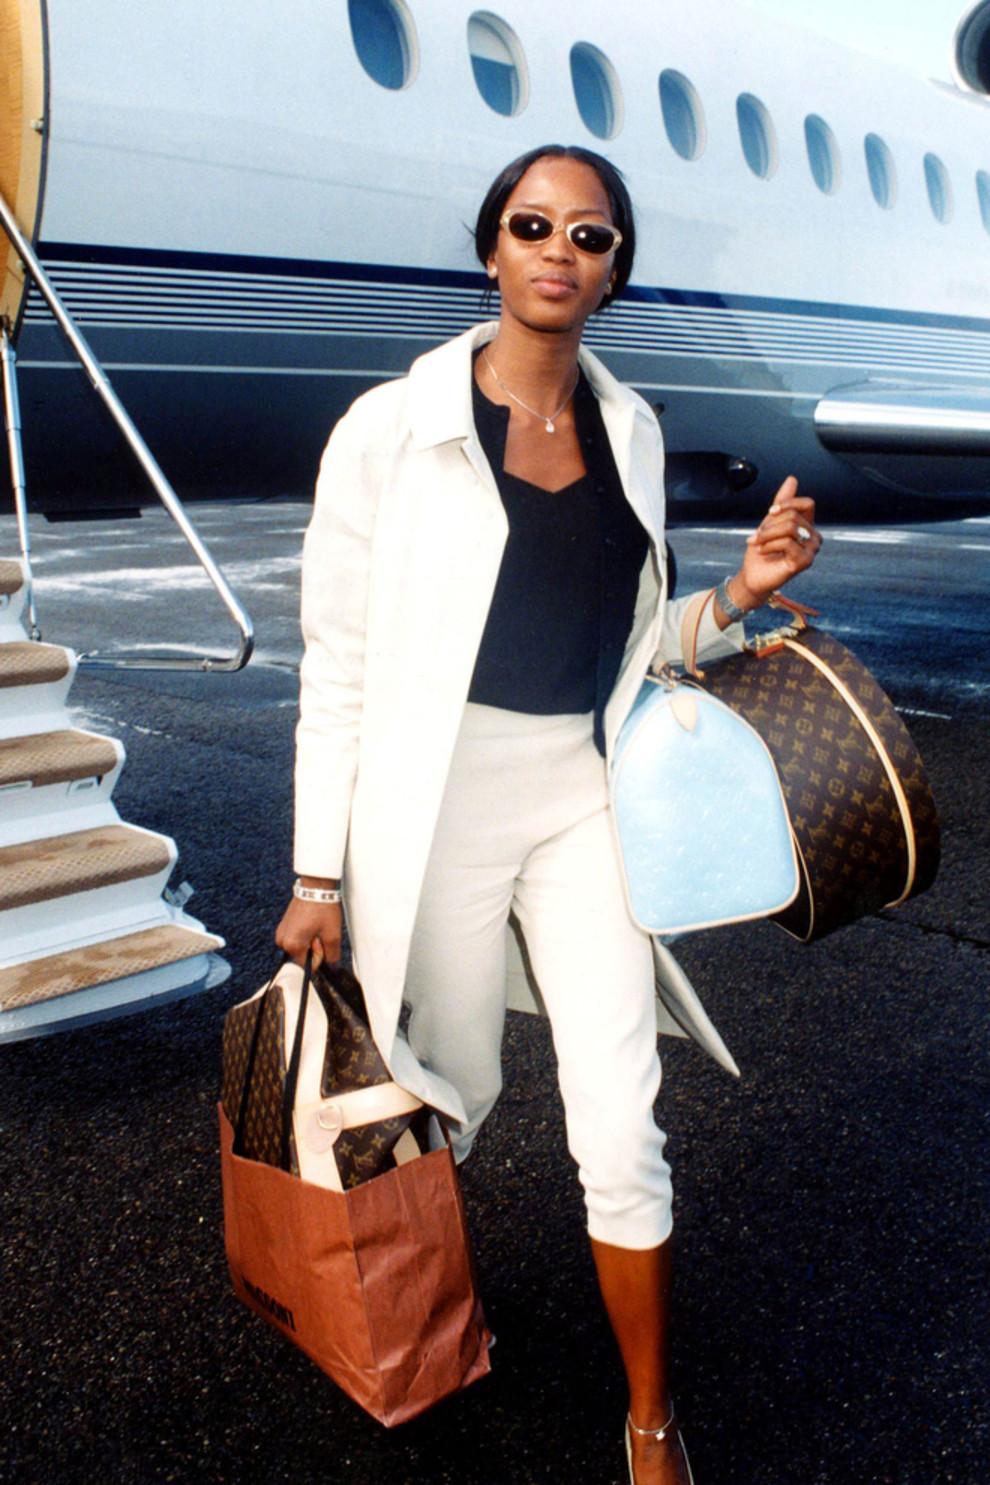 a259165b4298 В 1997 году Марк Джейкобс был назван креативным директором Louis Vuitton.  Назначение американца принесло новую жизнь монограмме. Он сделал новую  коллекцию ...